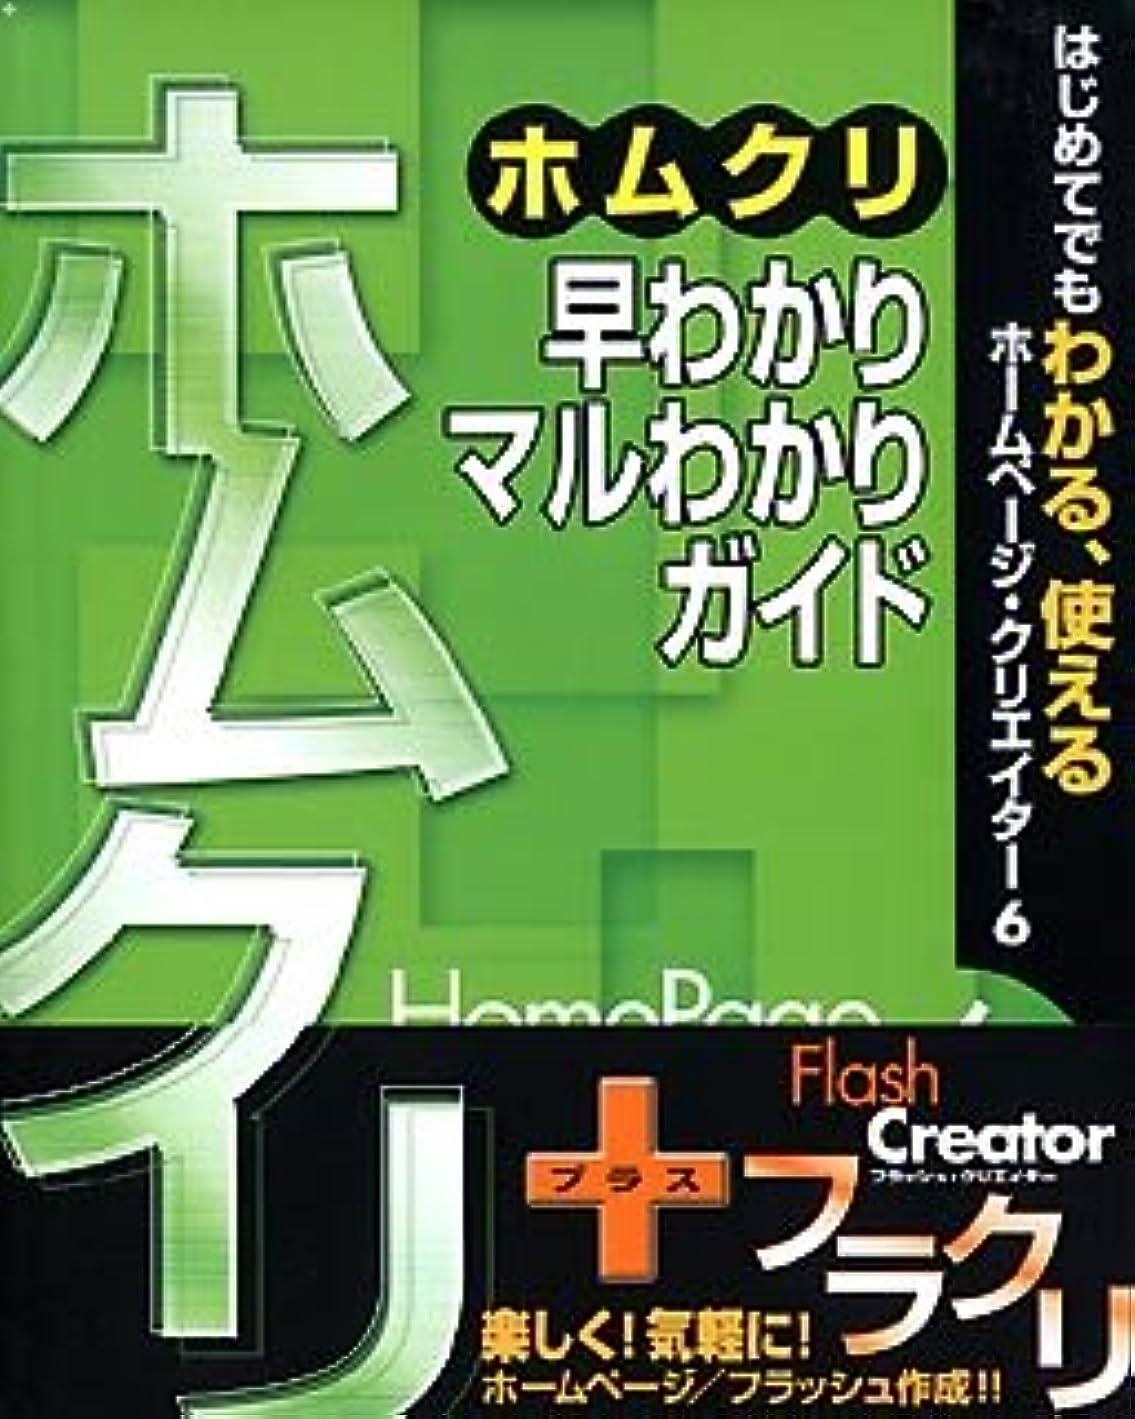 インテリア消防士空のHomepage Creator 6 + Flash Creator (ガイドブック付)